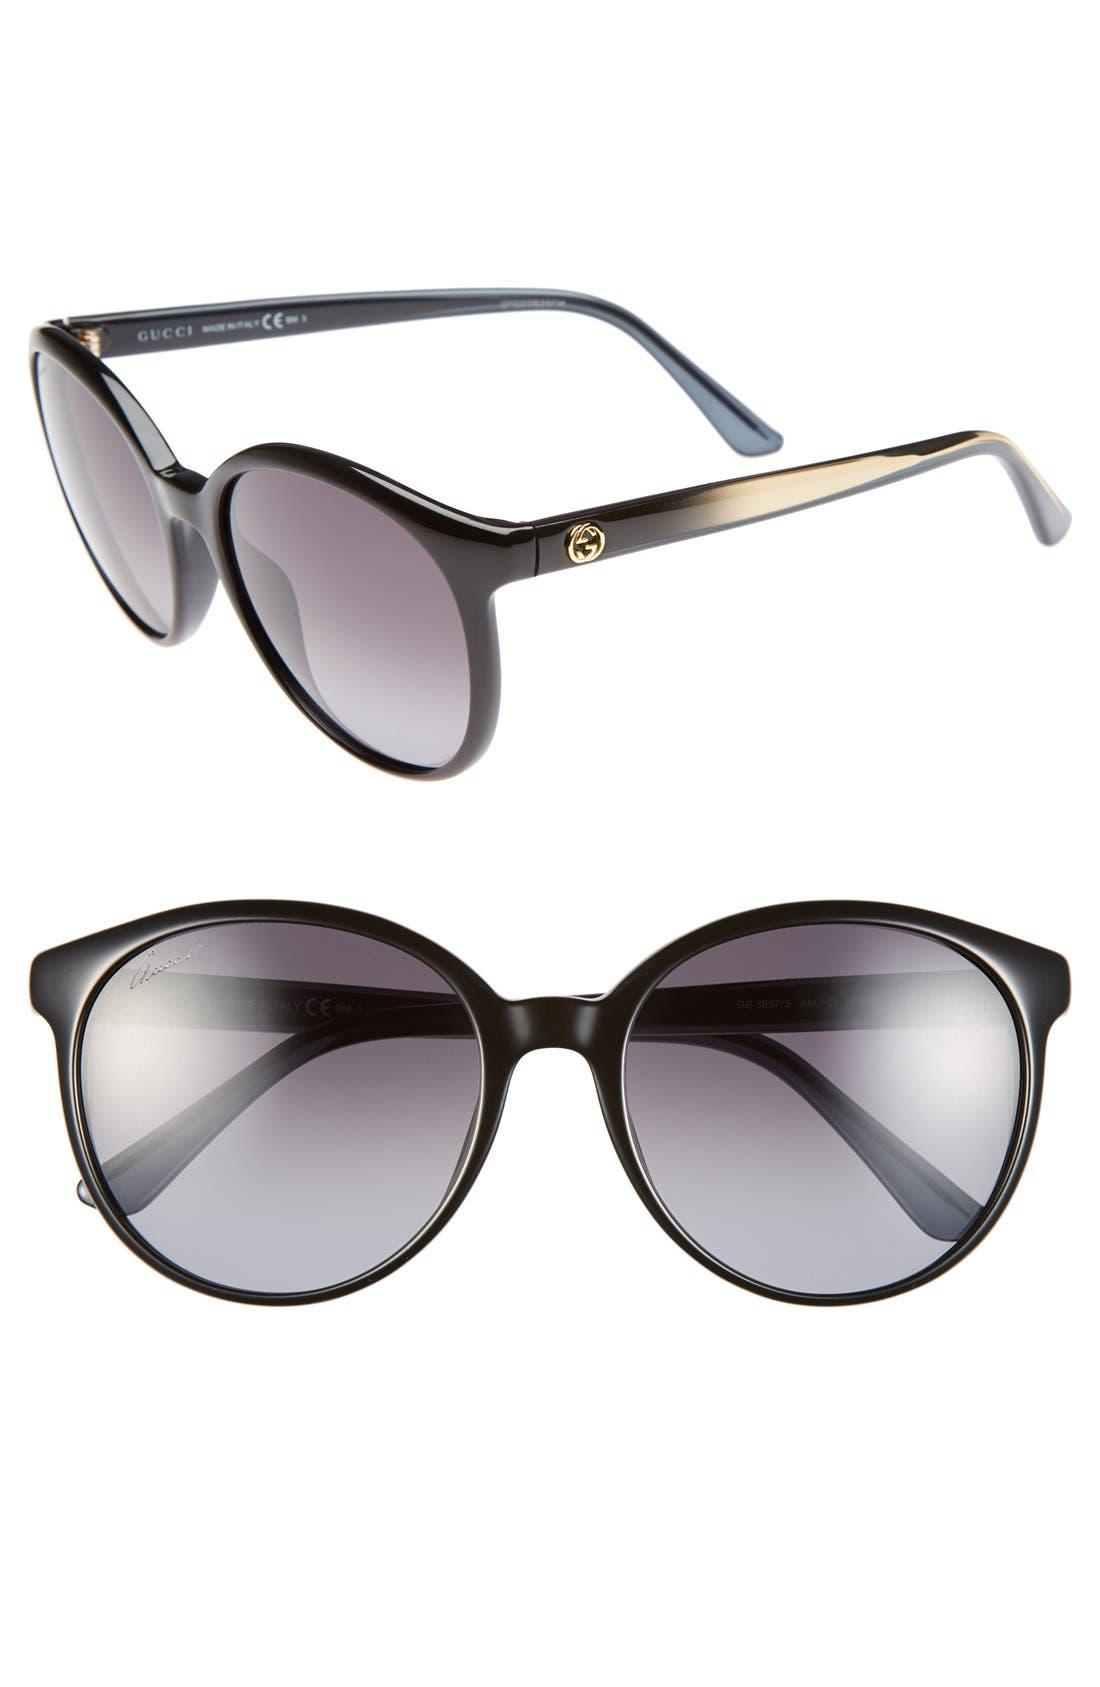 Main Image - Gucci 56mm Retro Sunglasses